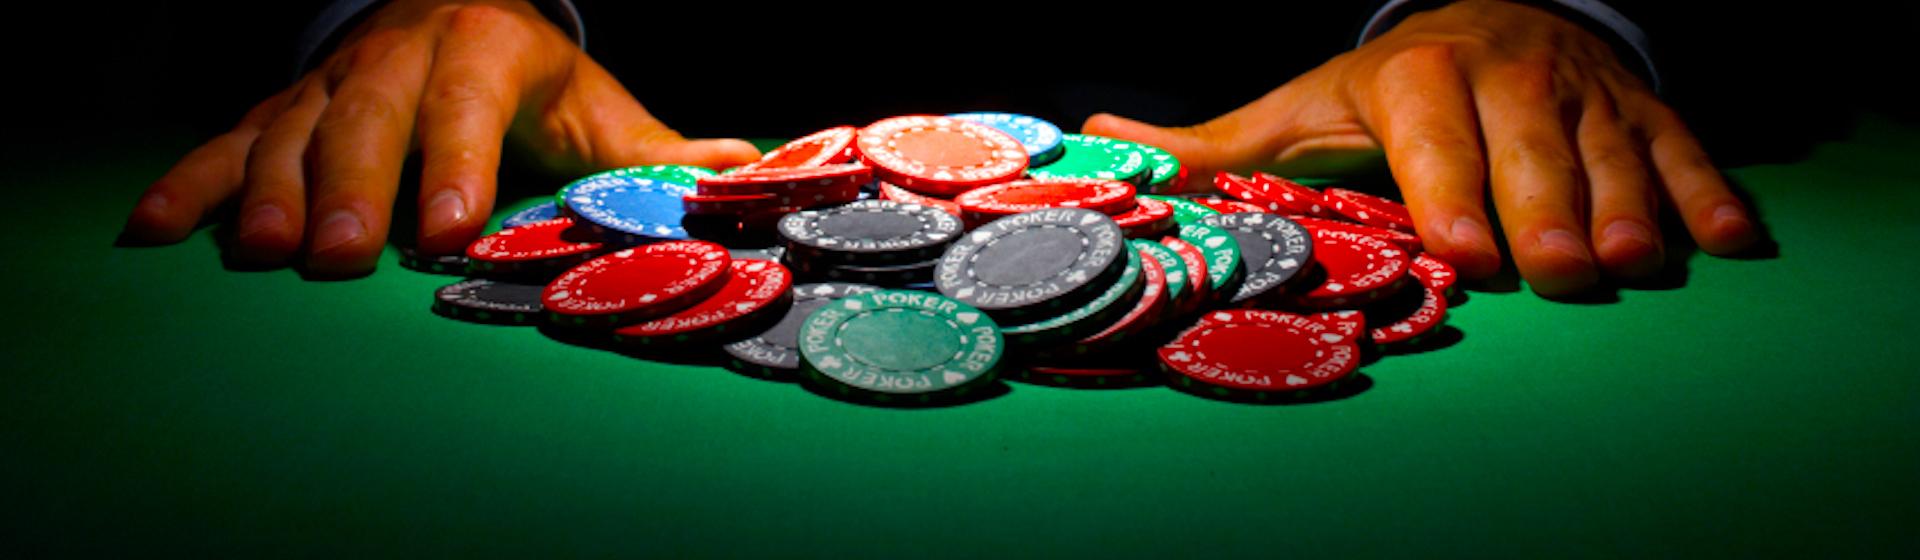 Poker Shove